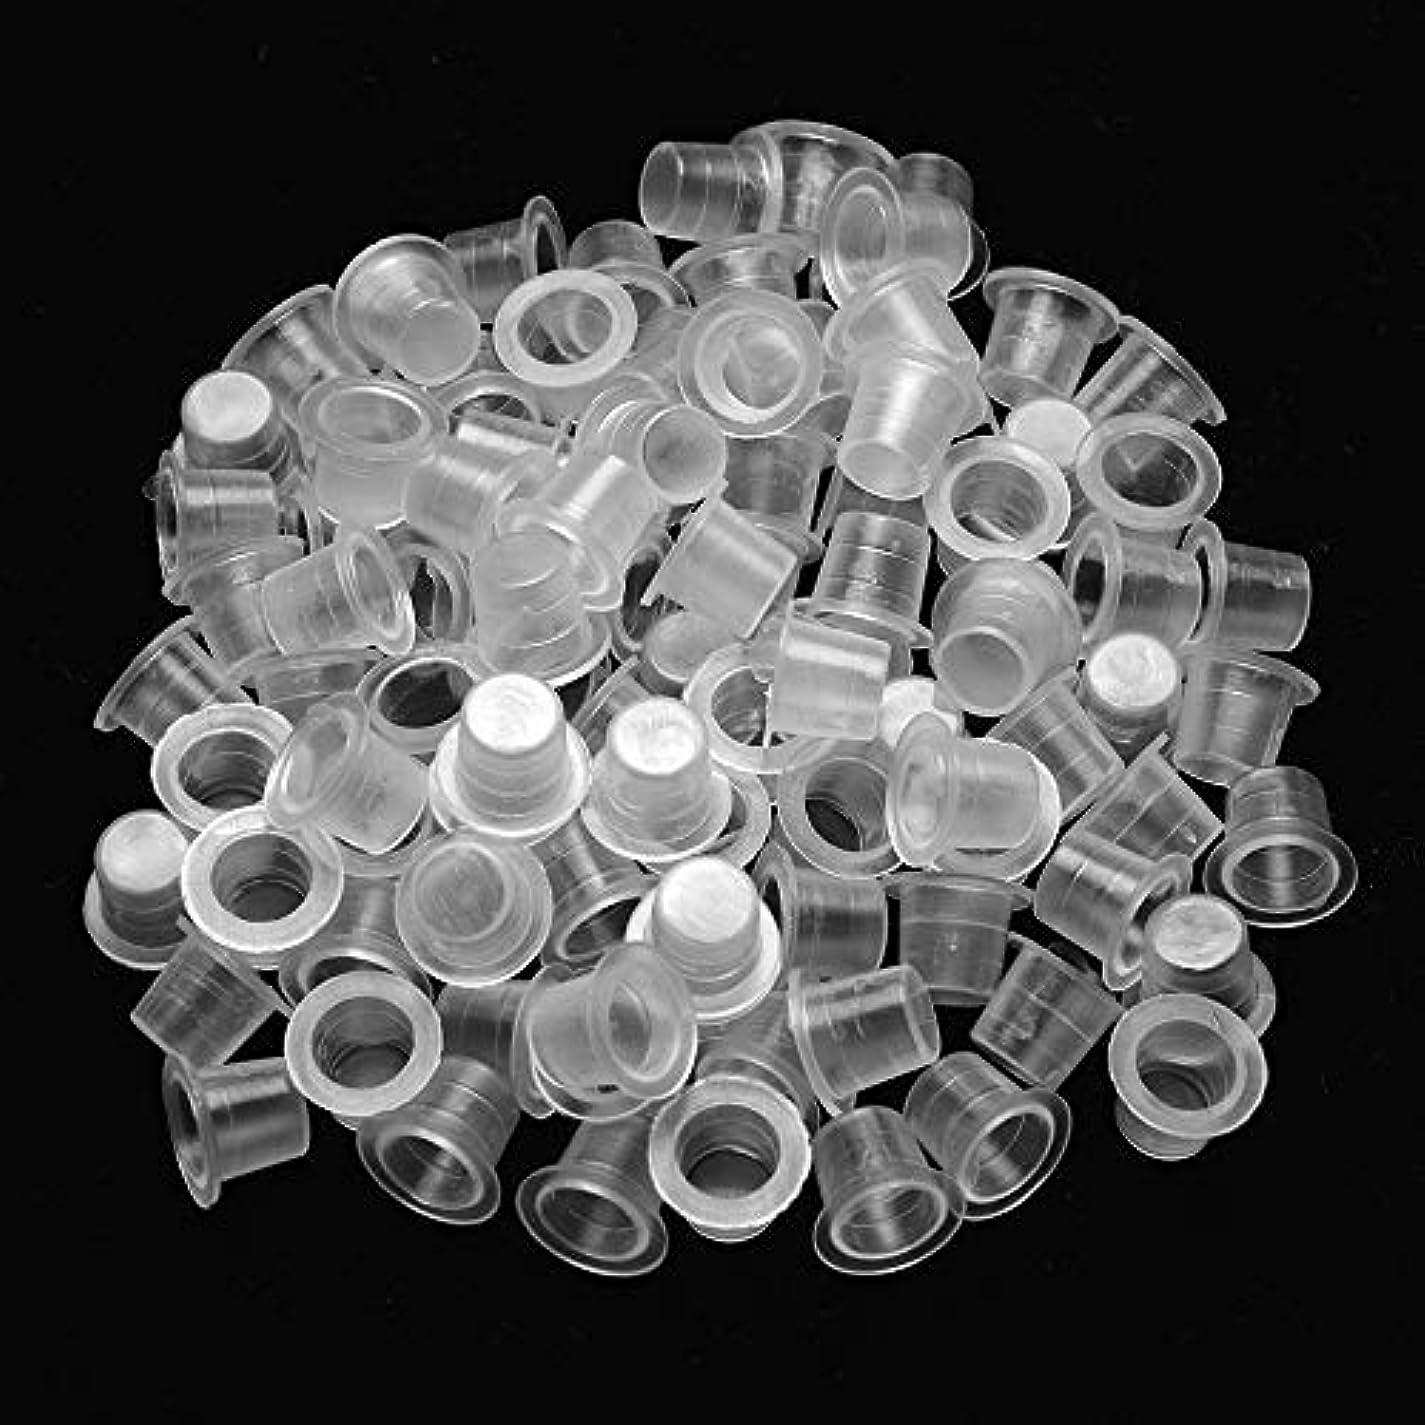 精緻化マニア第三ATOMUS インクキャップ、タトゥーインクカップ、使い捨て永久的な眉毛入れ墨ピグメントコンテナ、0.8cm 1.3cm 1.5cm 100個-1000個セット (0.8cm 1000pcs)